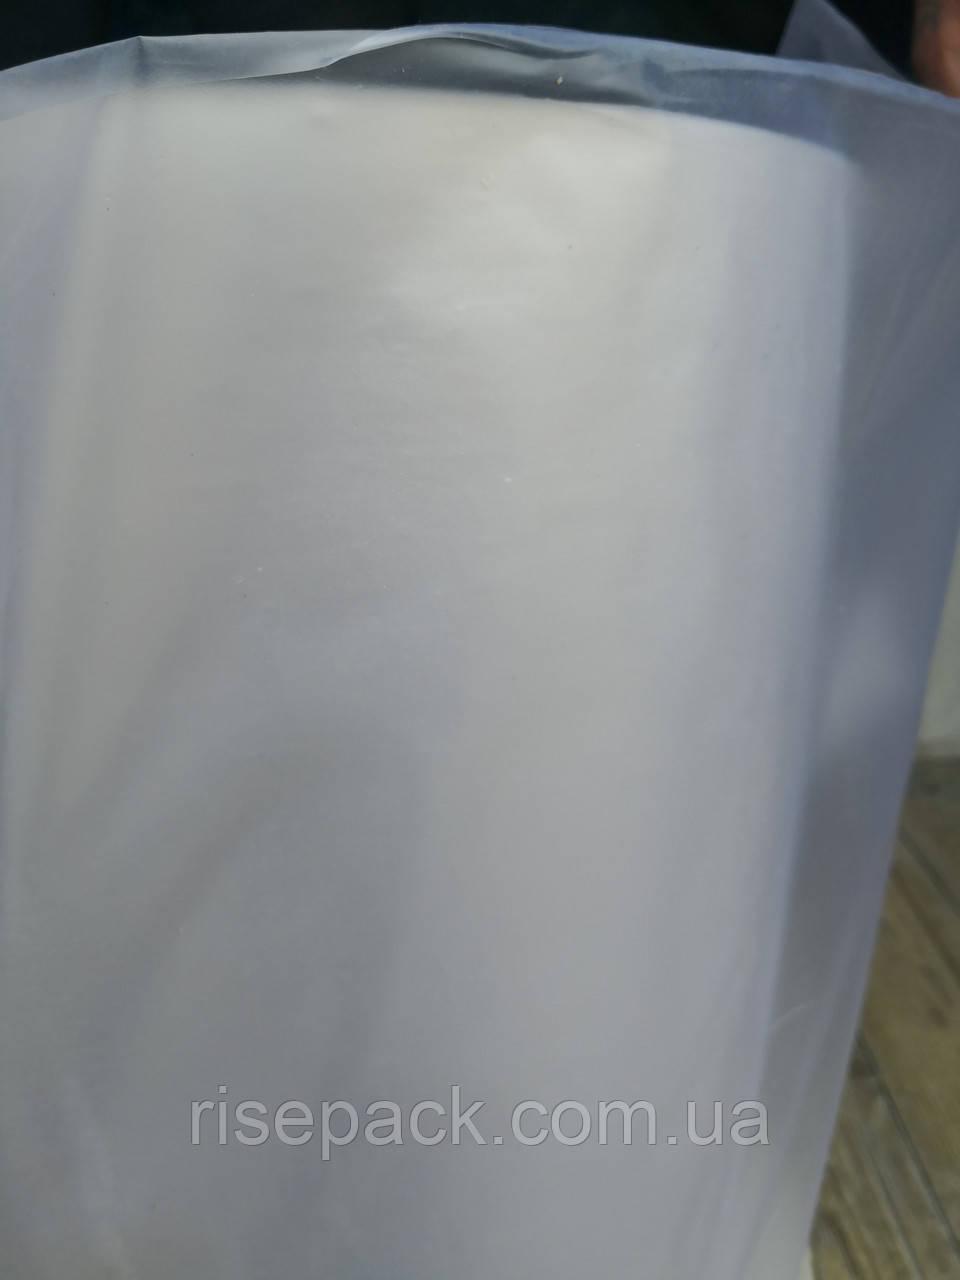 Пленка термоусадочная полиэтиленовая первичка 500мм*70мкм